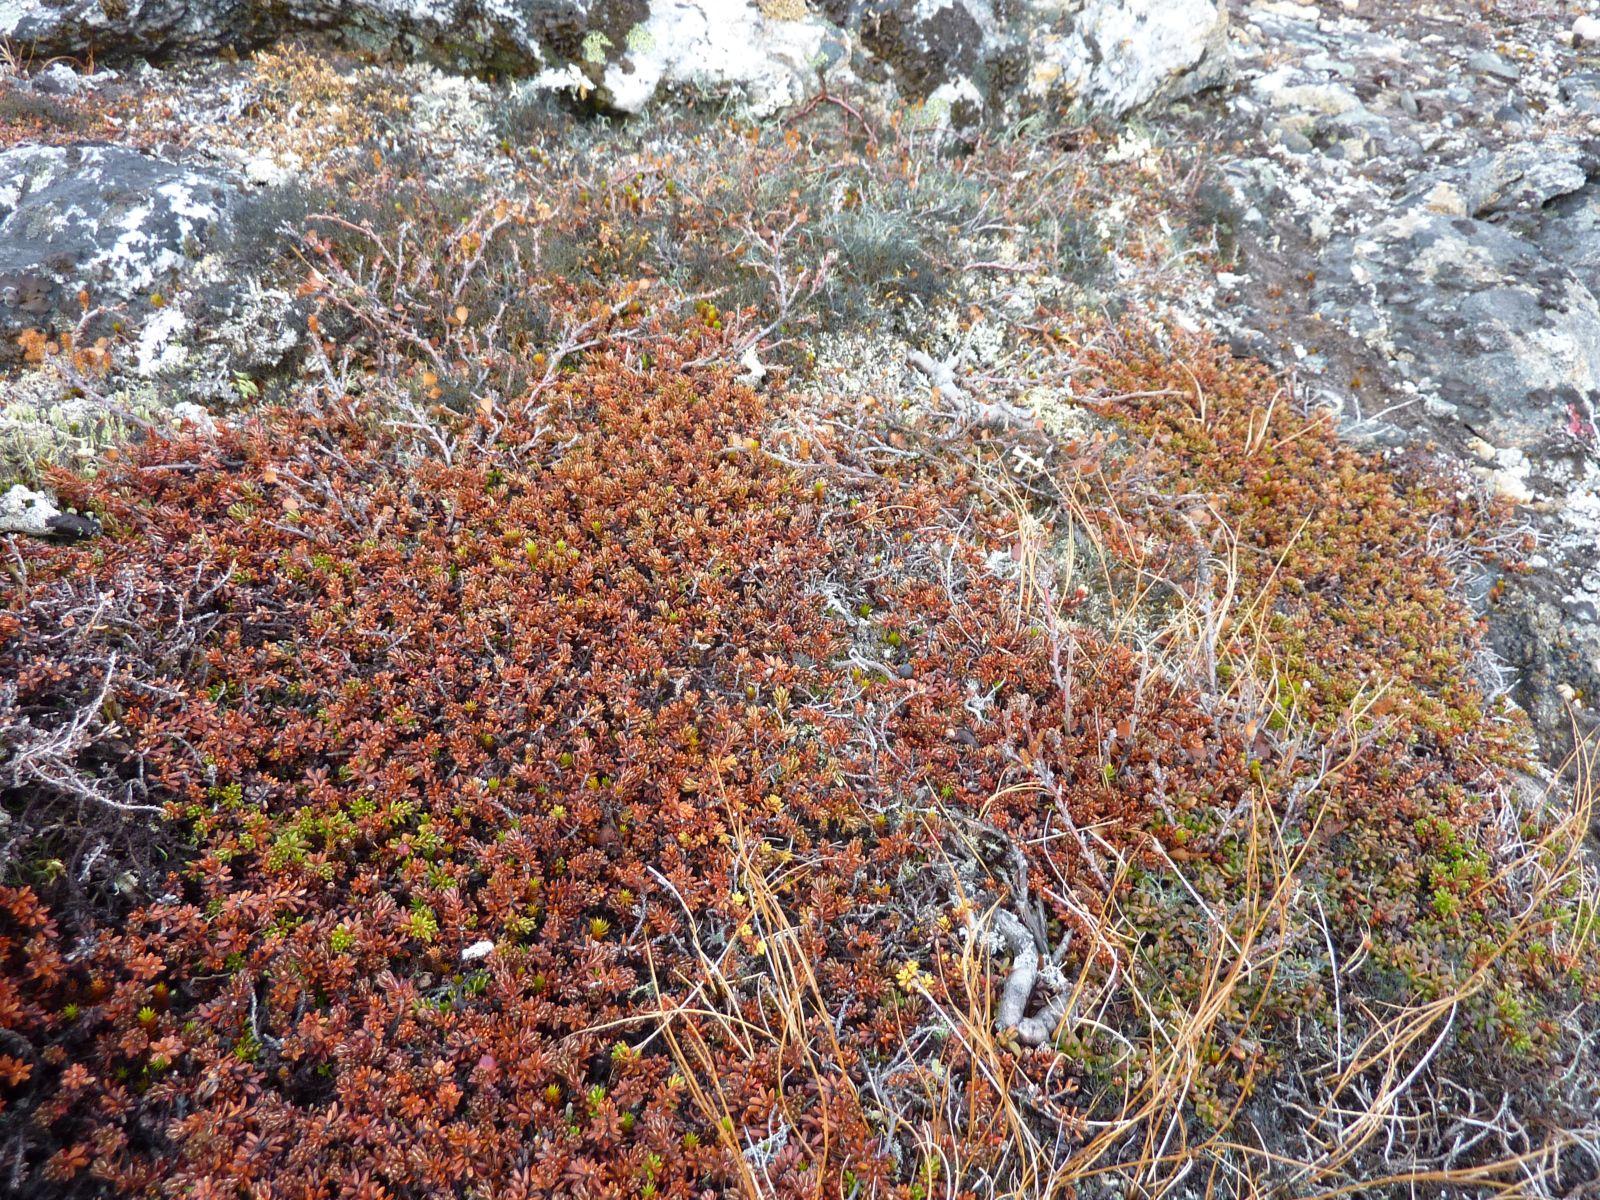 2010-09-29-1238_-_Vegetation